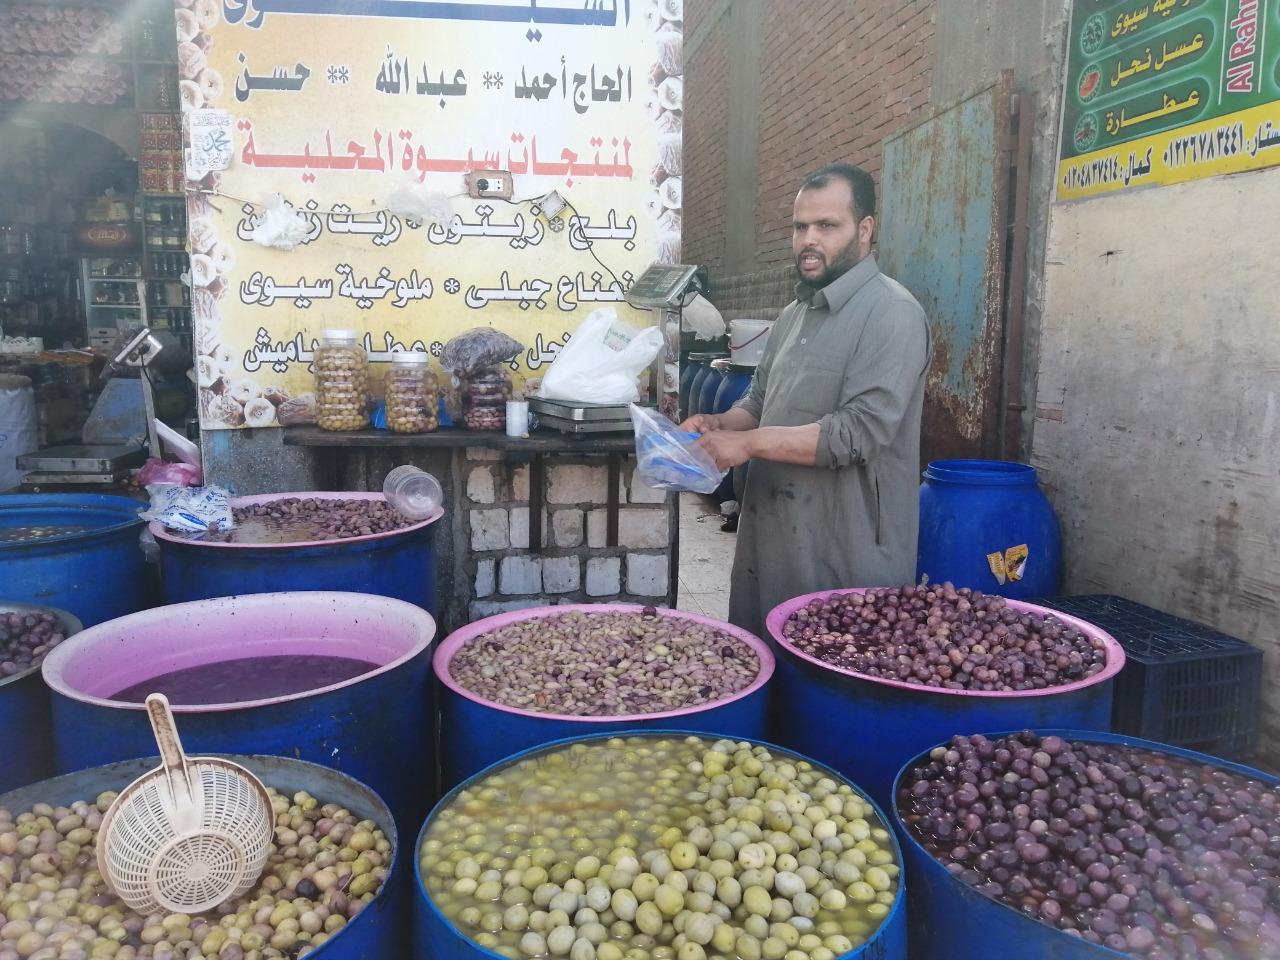 لح وزيتون مطروح يزين معظم الموائد المصرية خلال شهر رمضان (1)